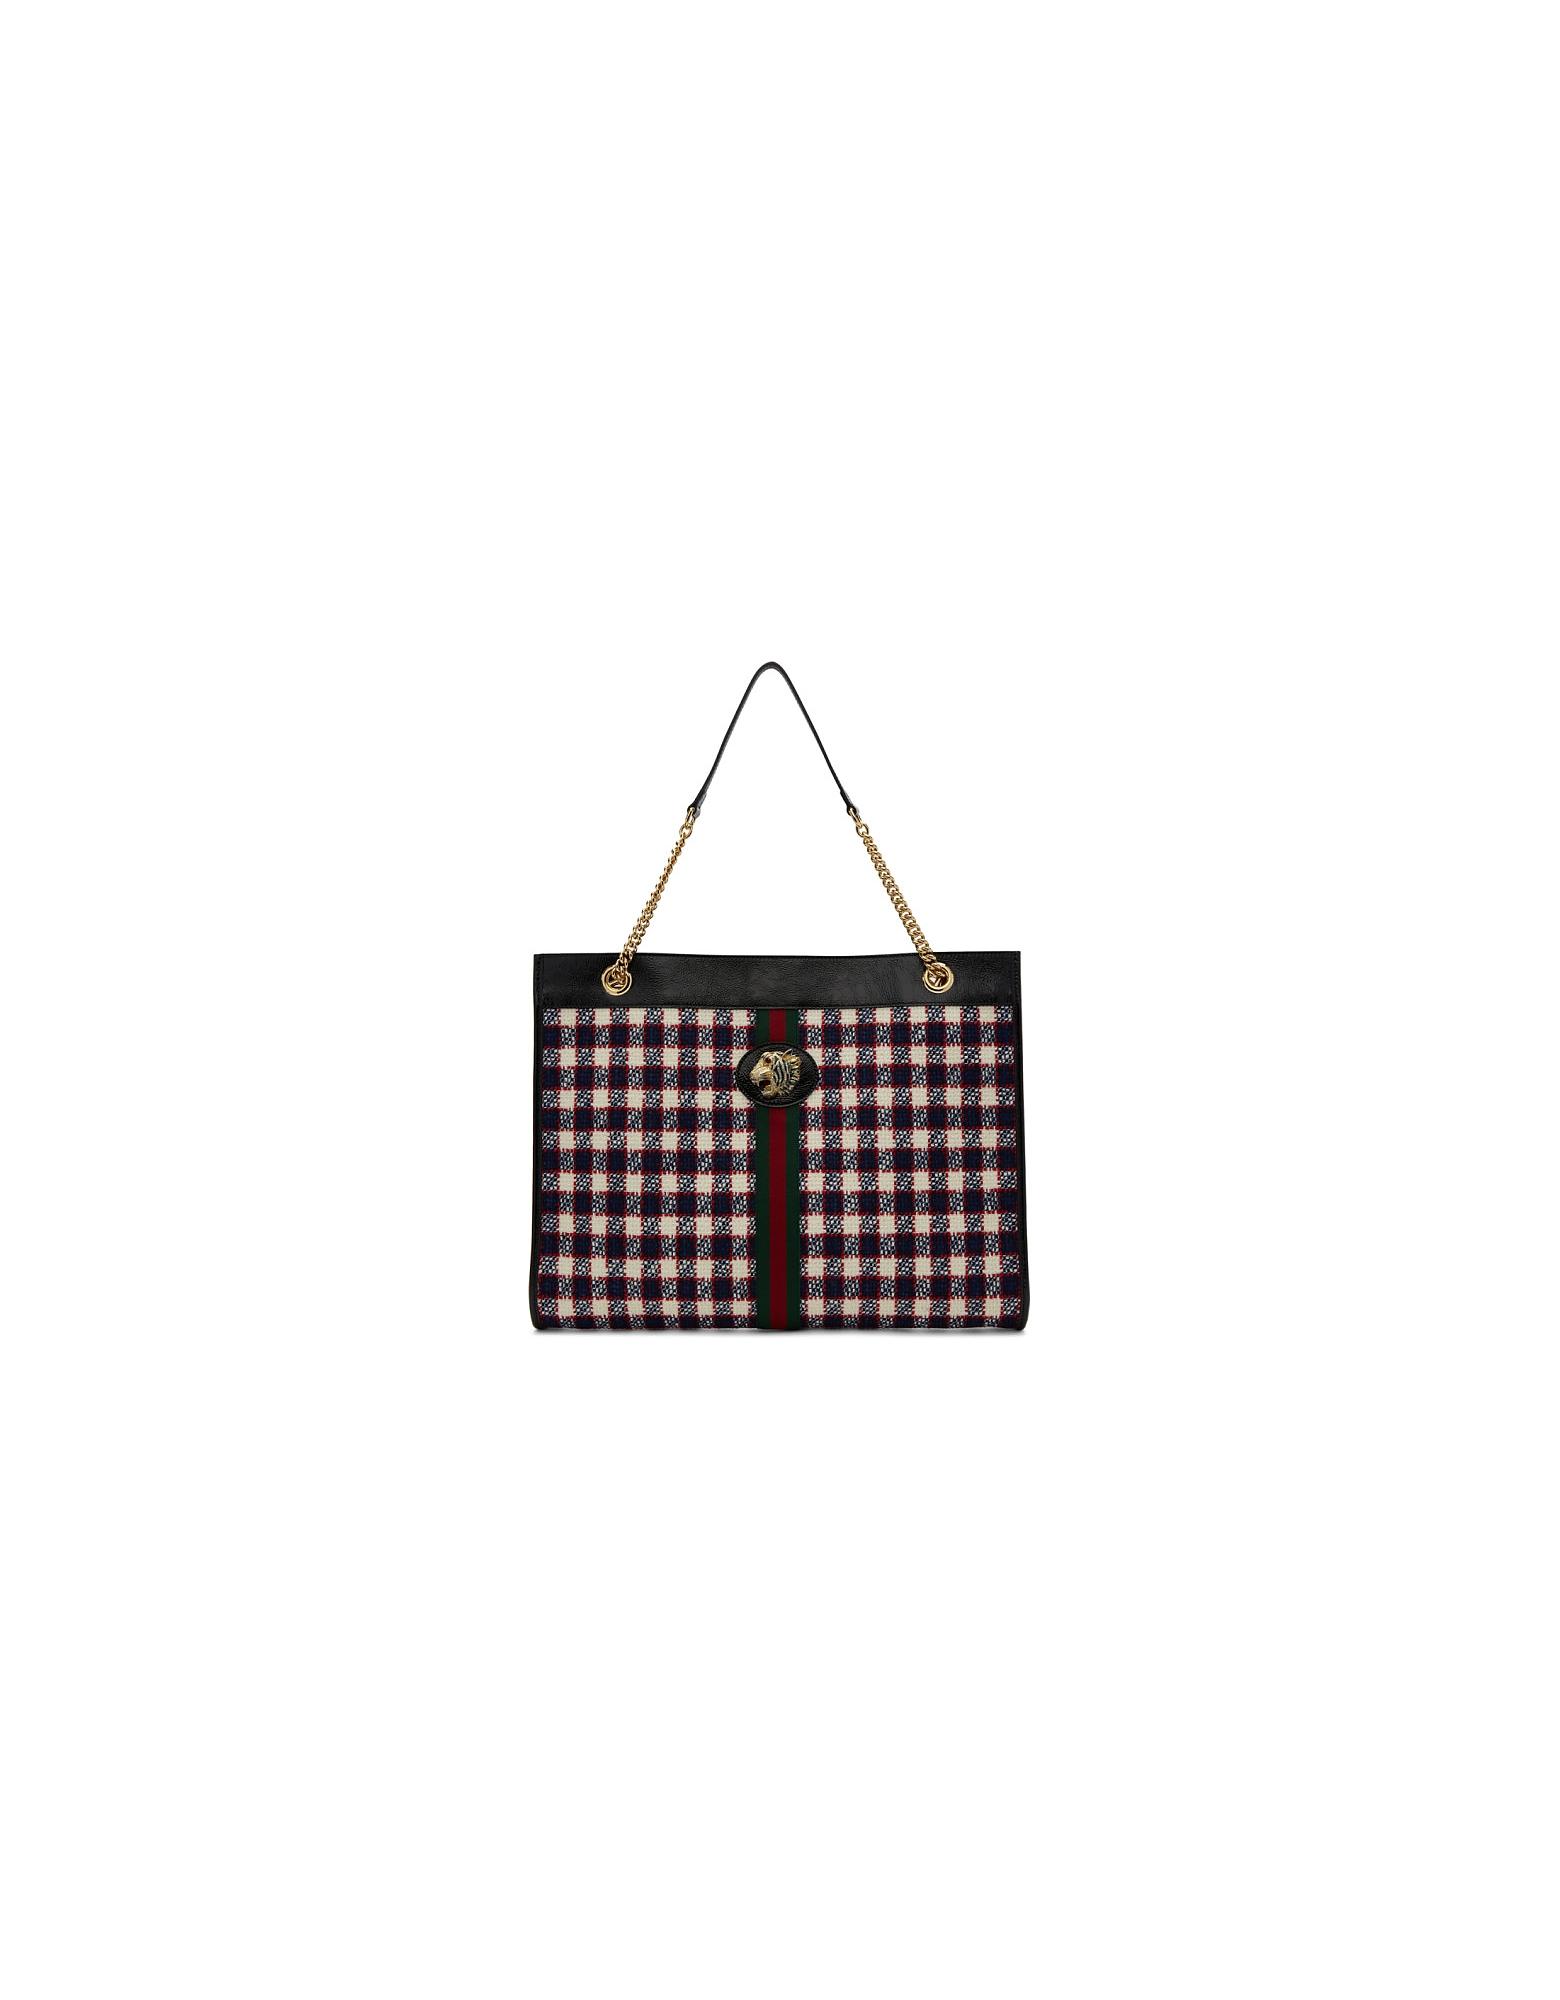 Gucci Designer Handbags, Multicolor Rajah Tote